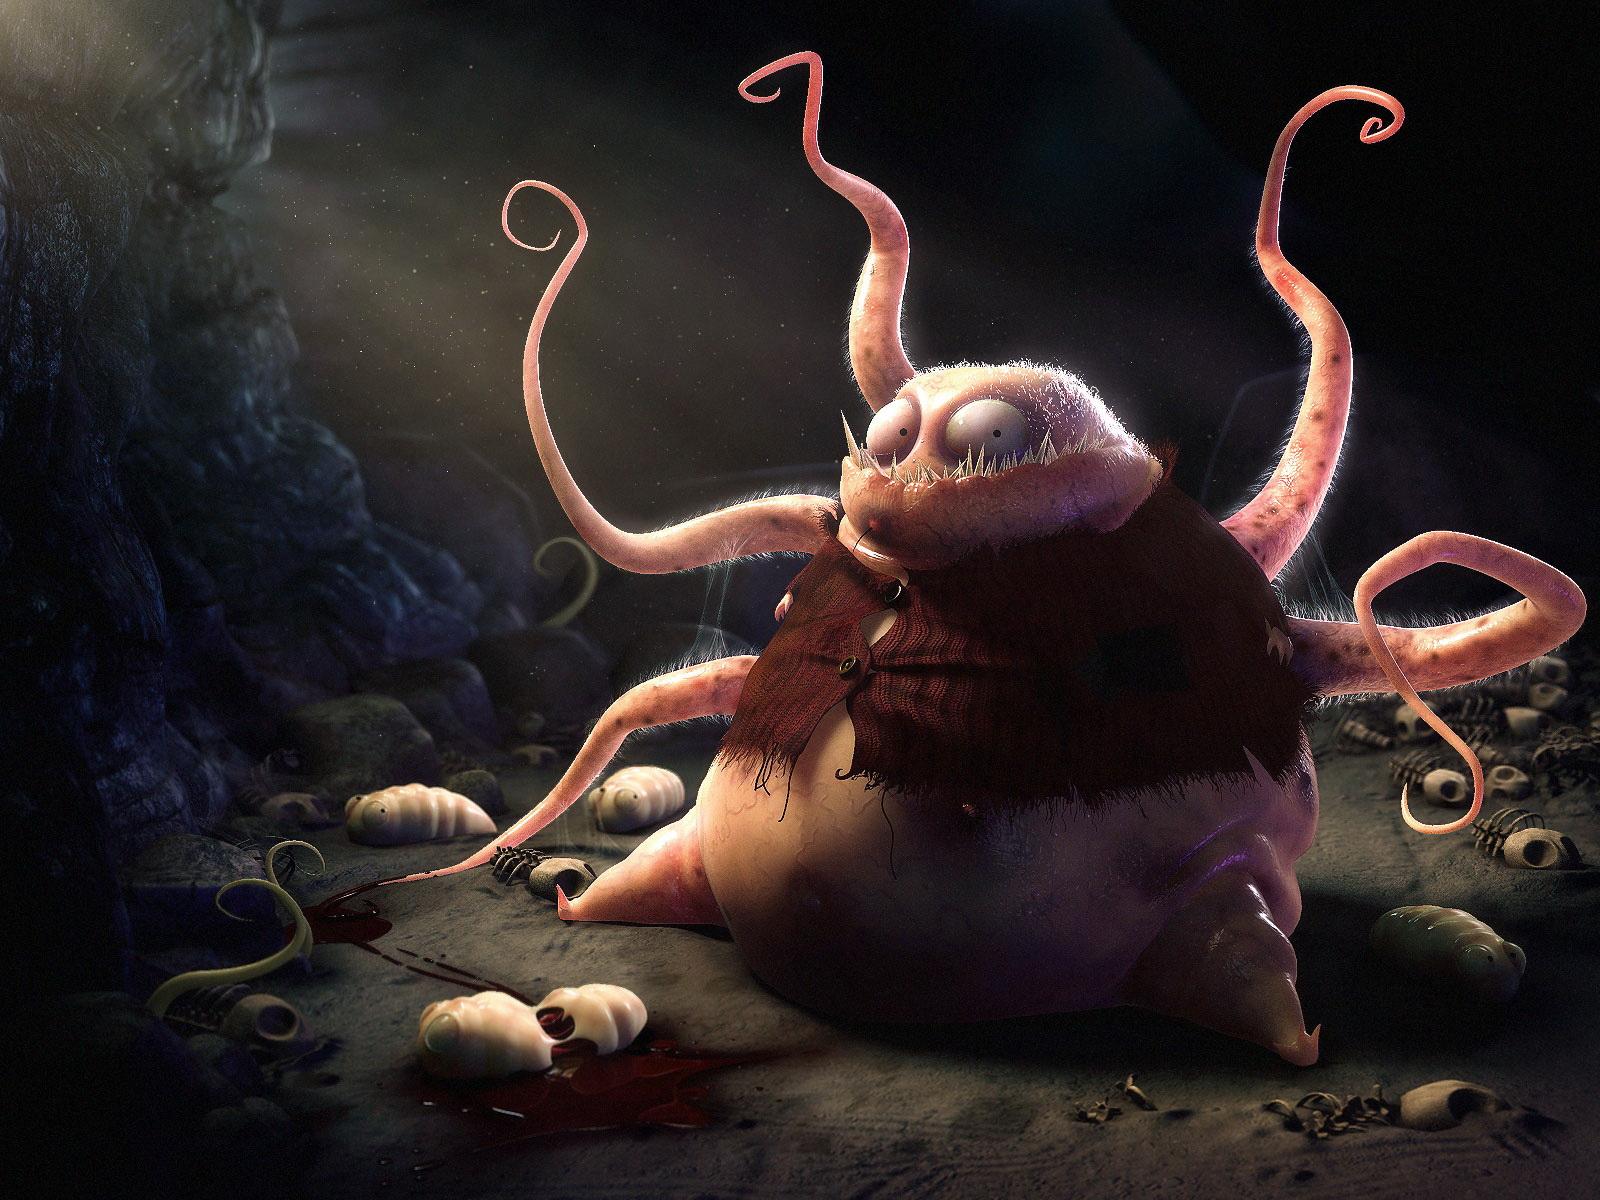 3d monster toon fantasy naked photo